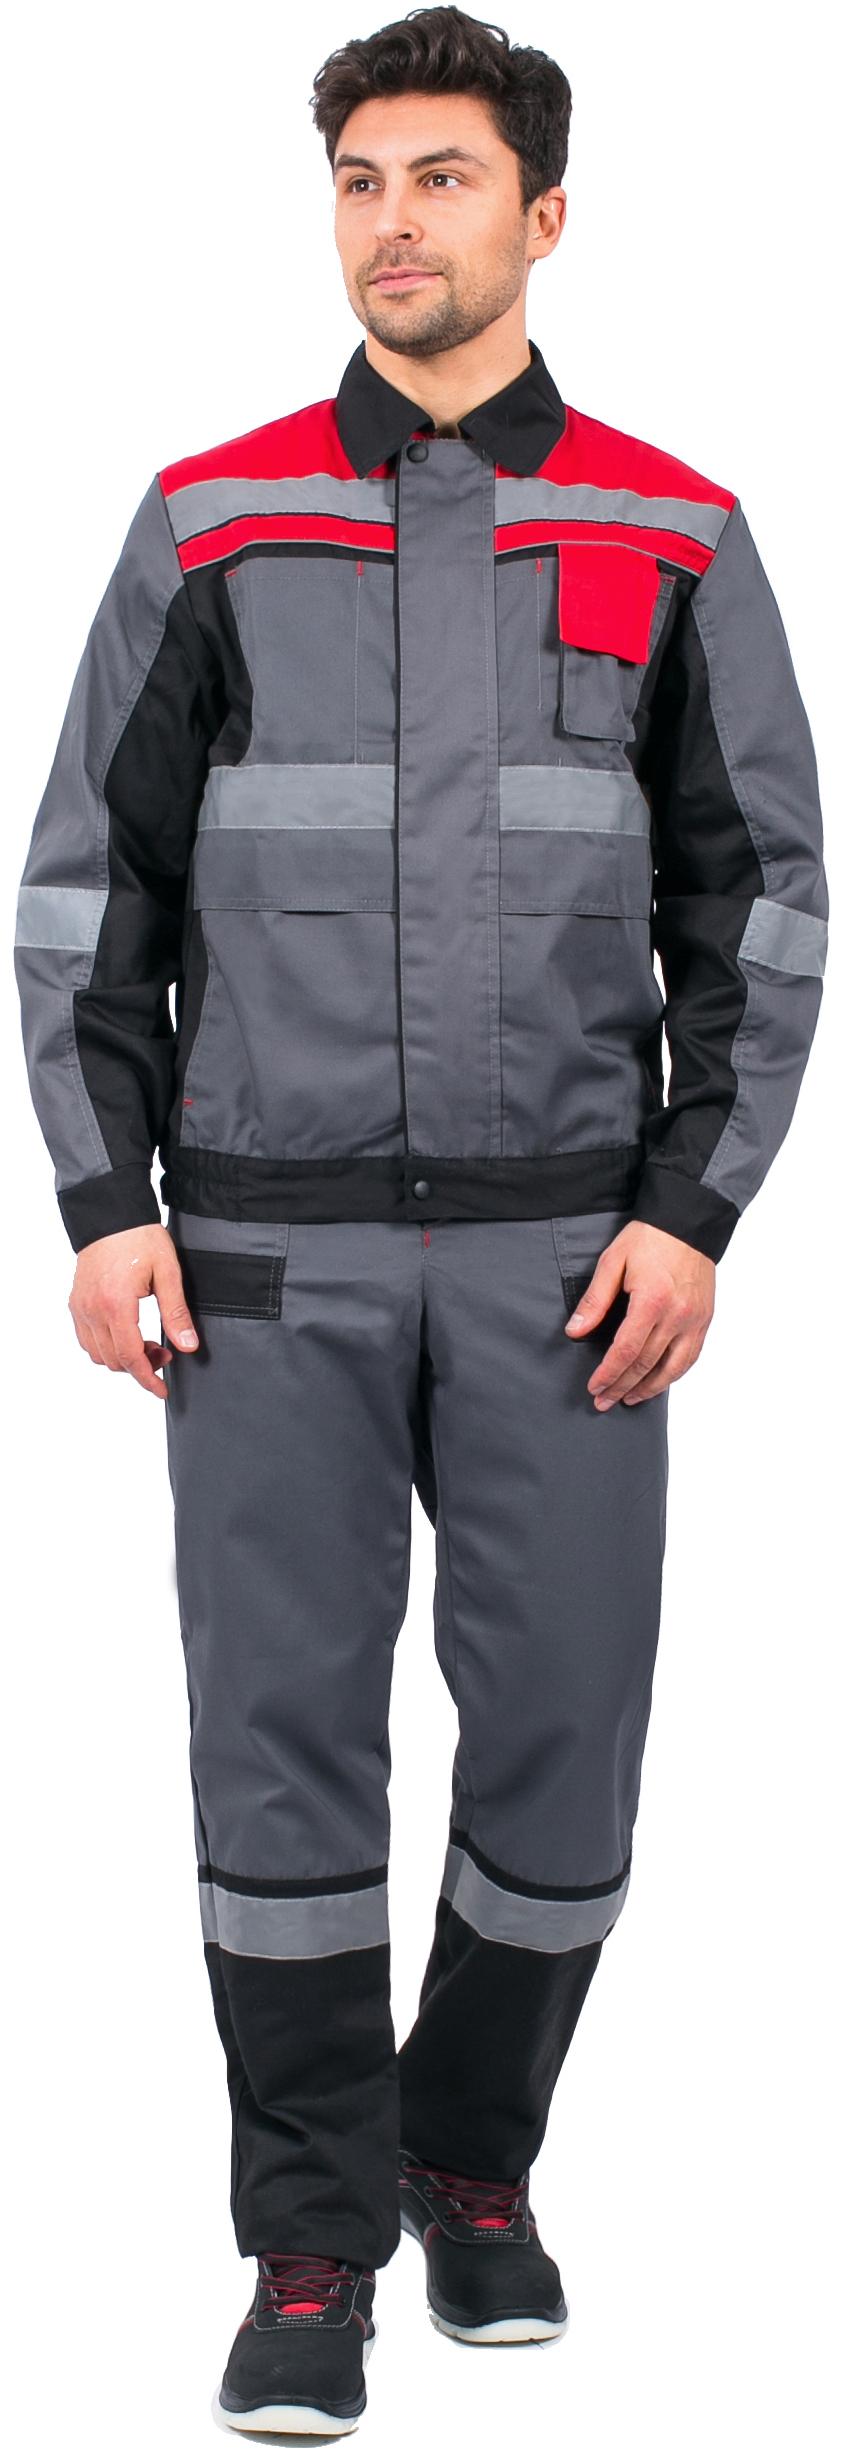 Костюм Виват-1 Премиум (тк.Протек,240) брюки, серый/черный/красный